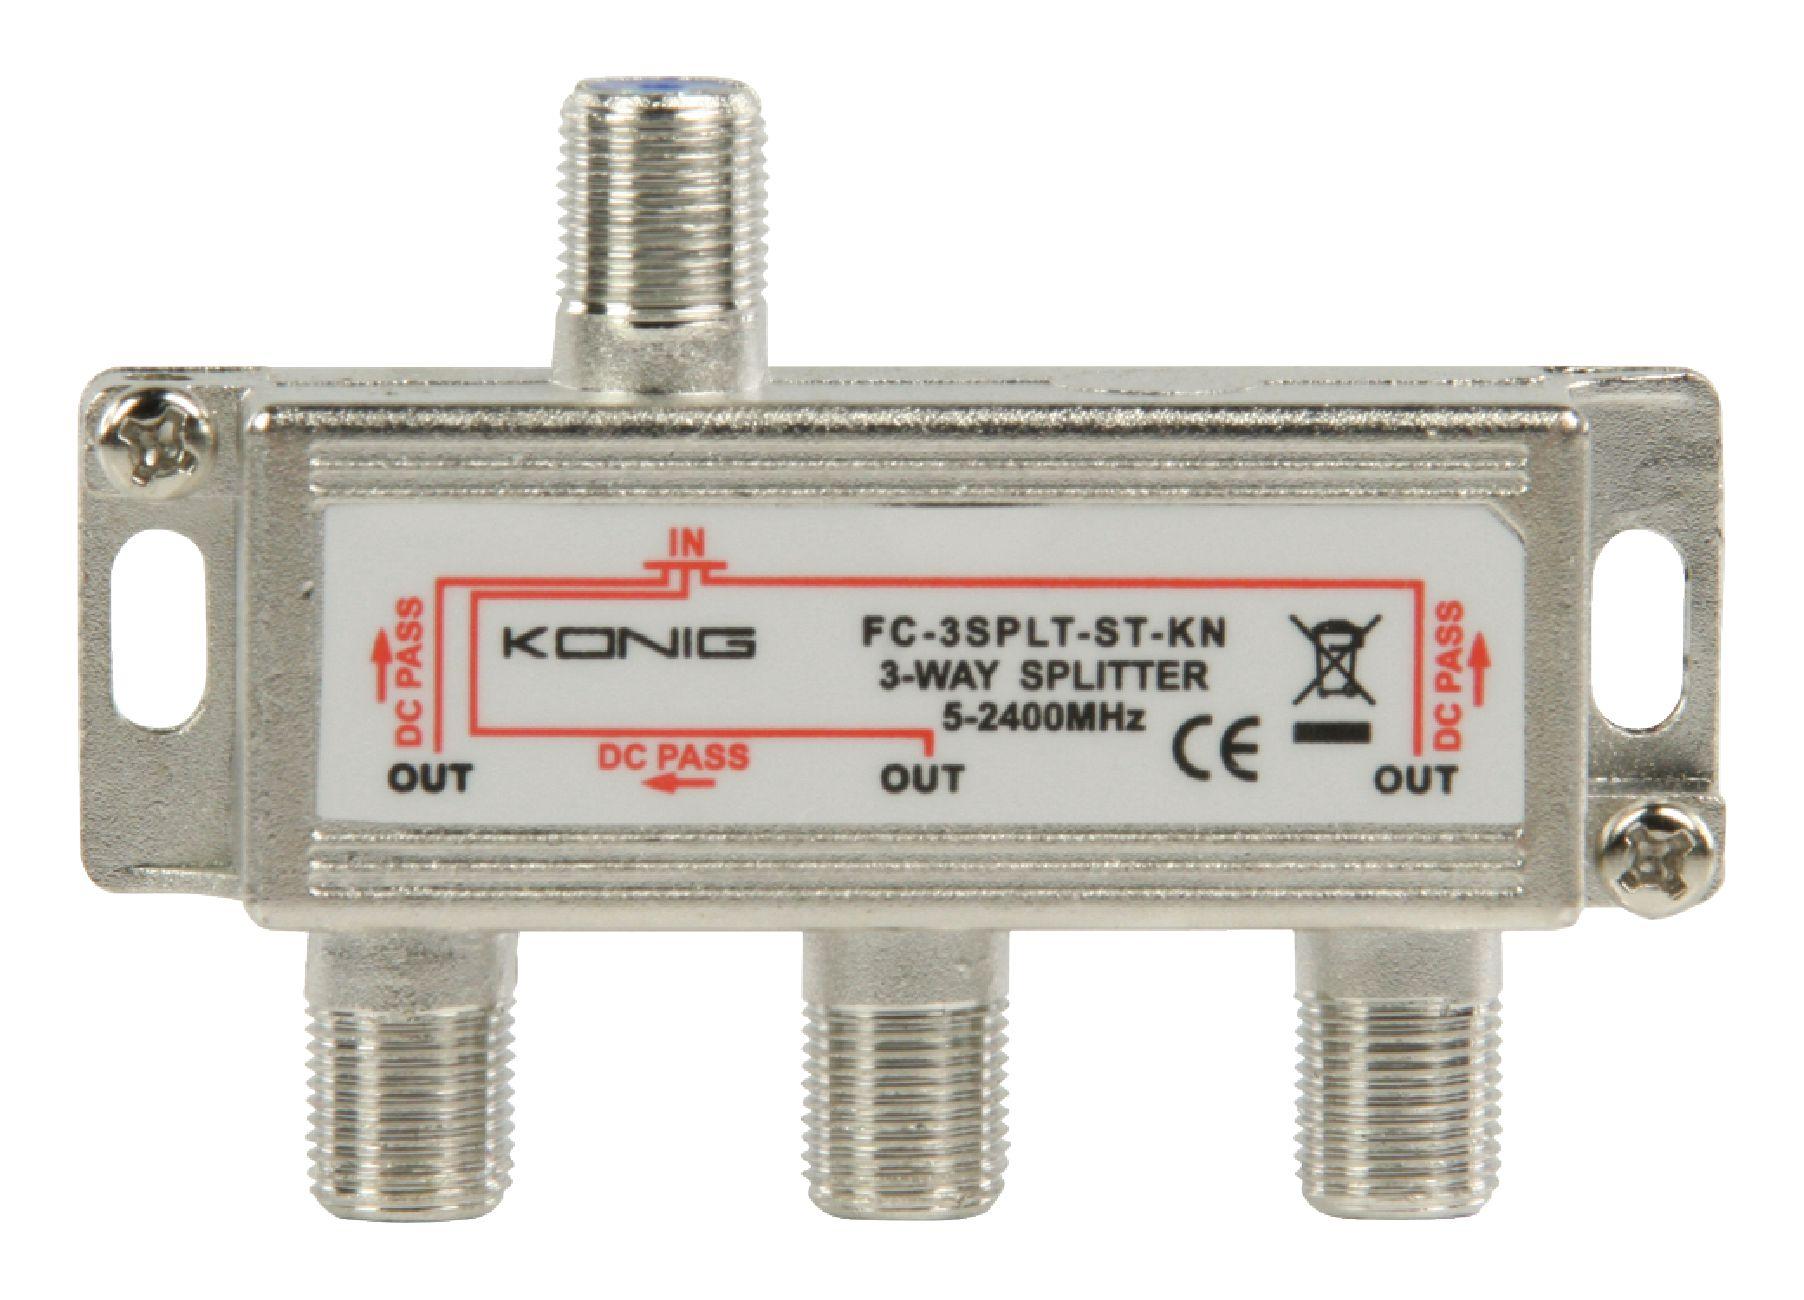 König FC-3SPLT-ST-KN pasivní anténní rozbočovač 5-2400 MHz 10.5 dB - 3x výstup